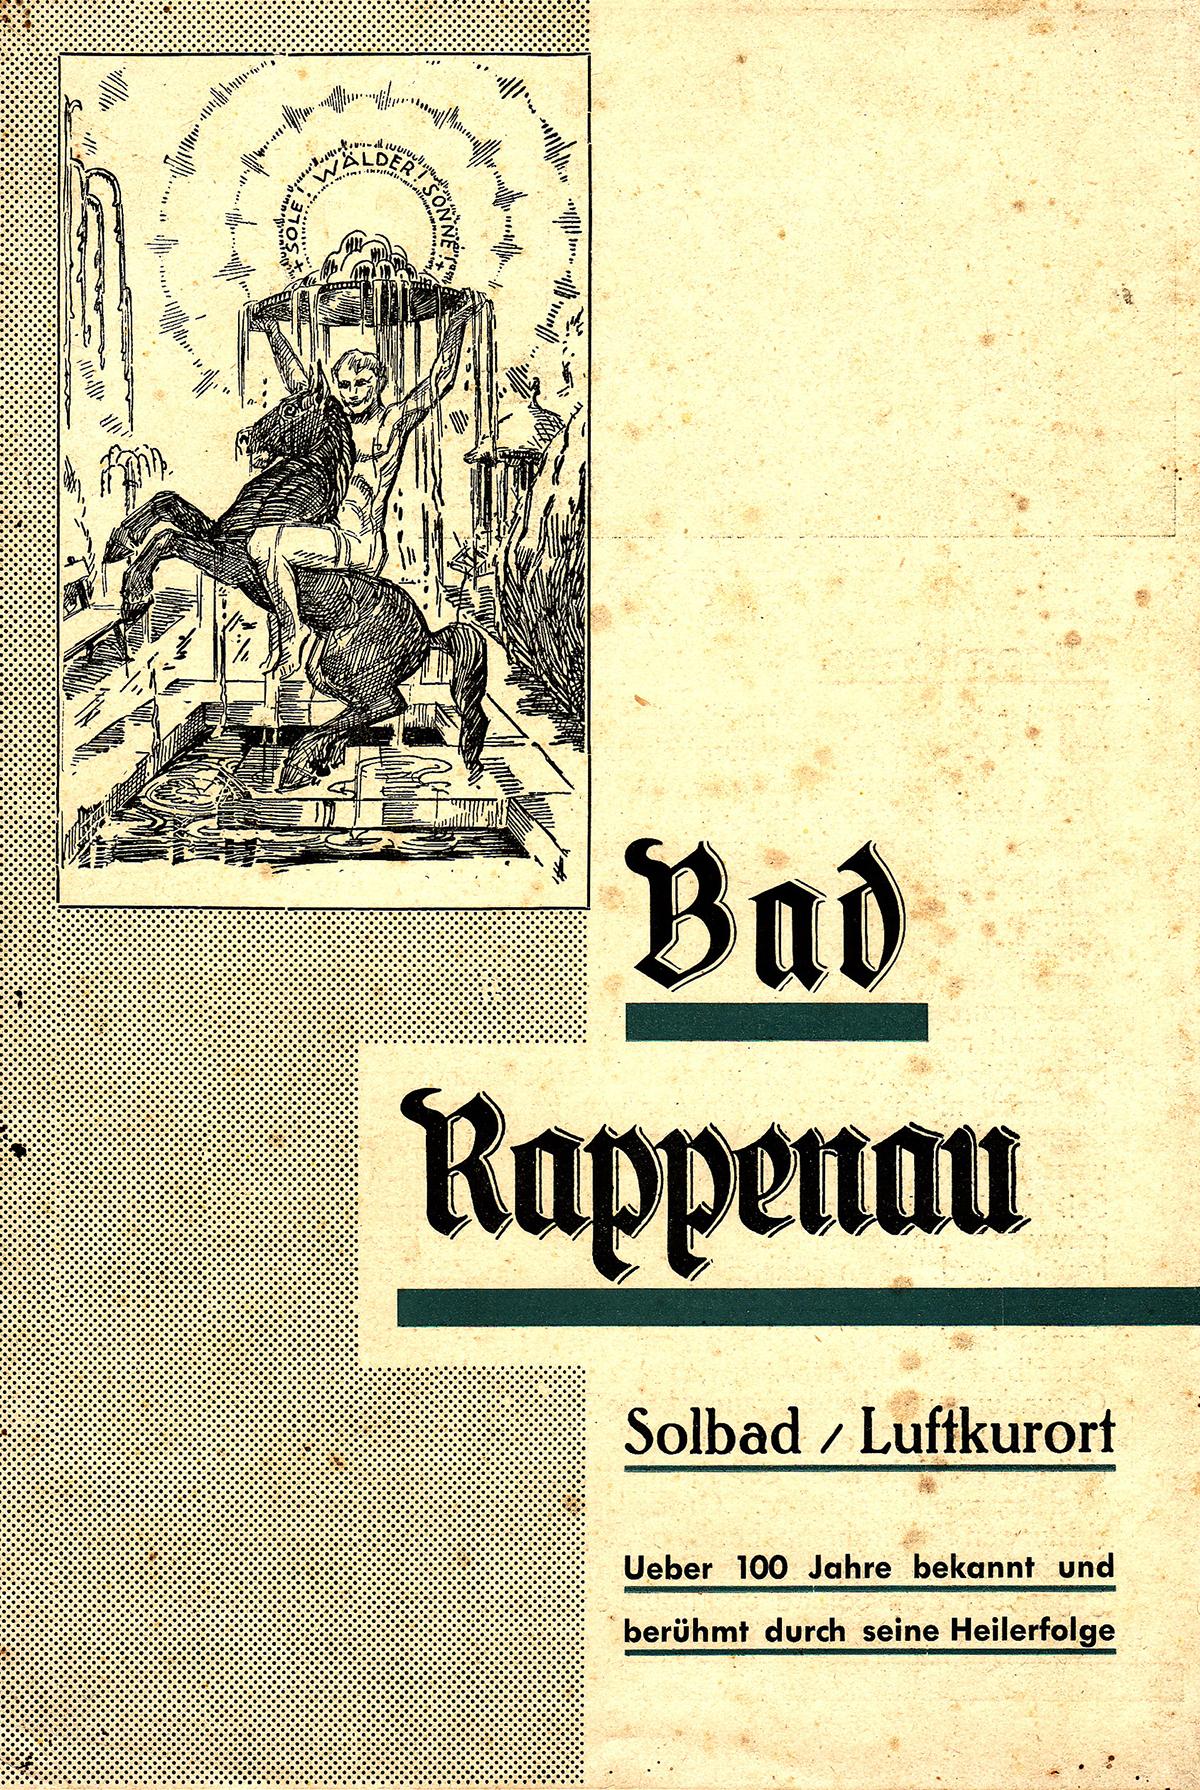 http://peterschmelzle.de/wp-content/uploads/2017/03/rappenau-fremdenverkehrsprospekt-1934.jpg